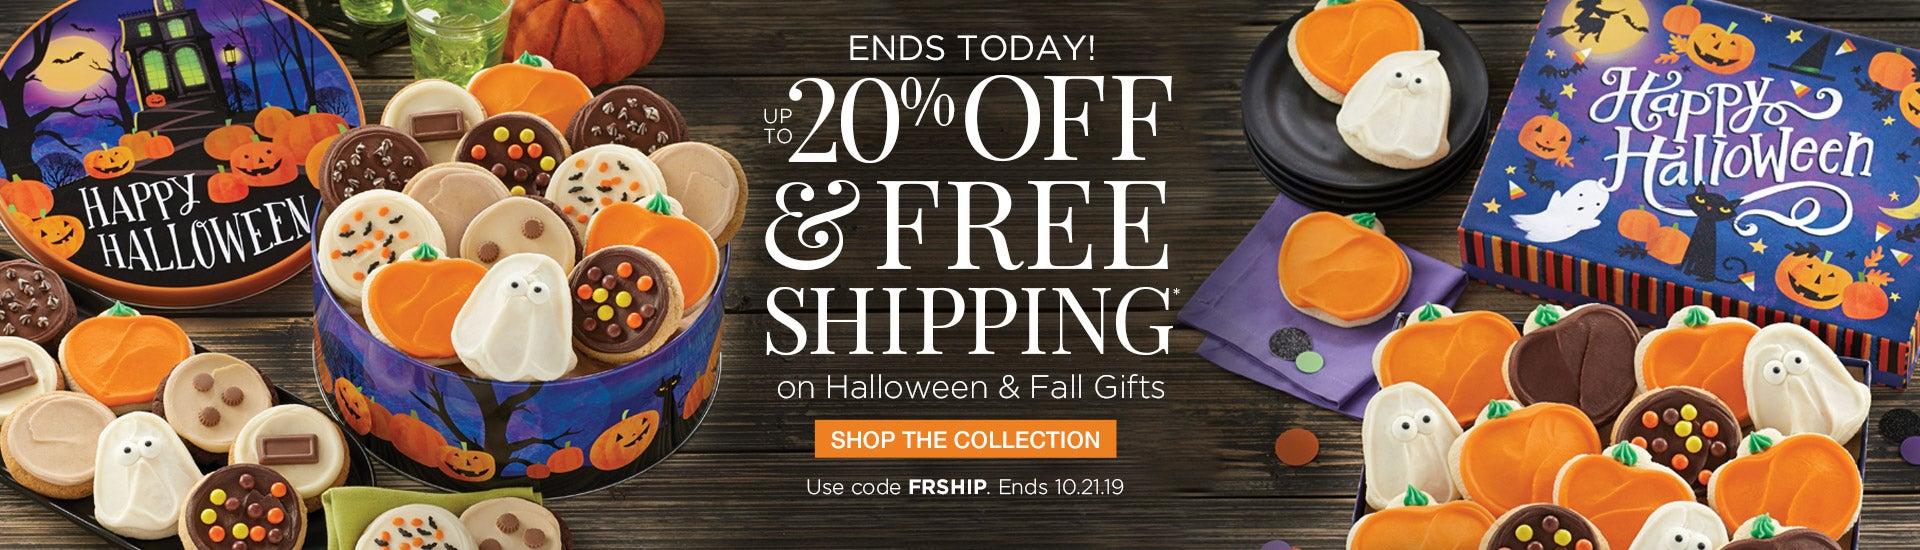 Halloween Double Savings